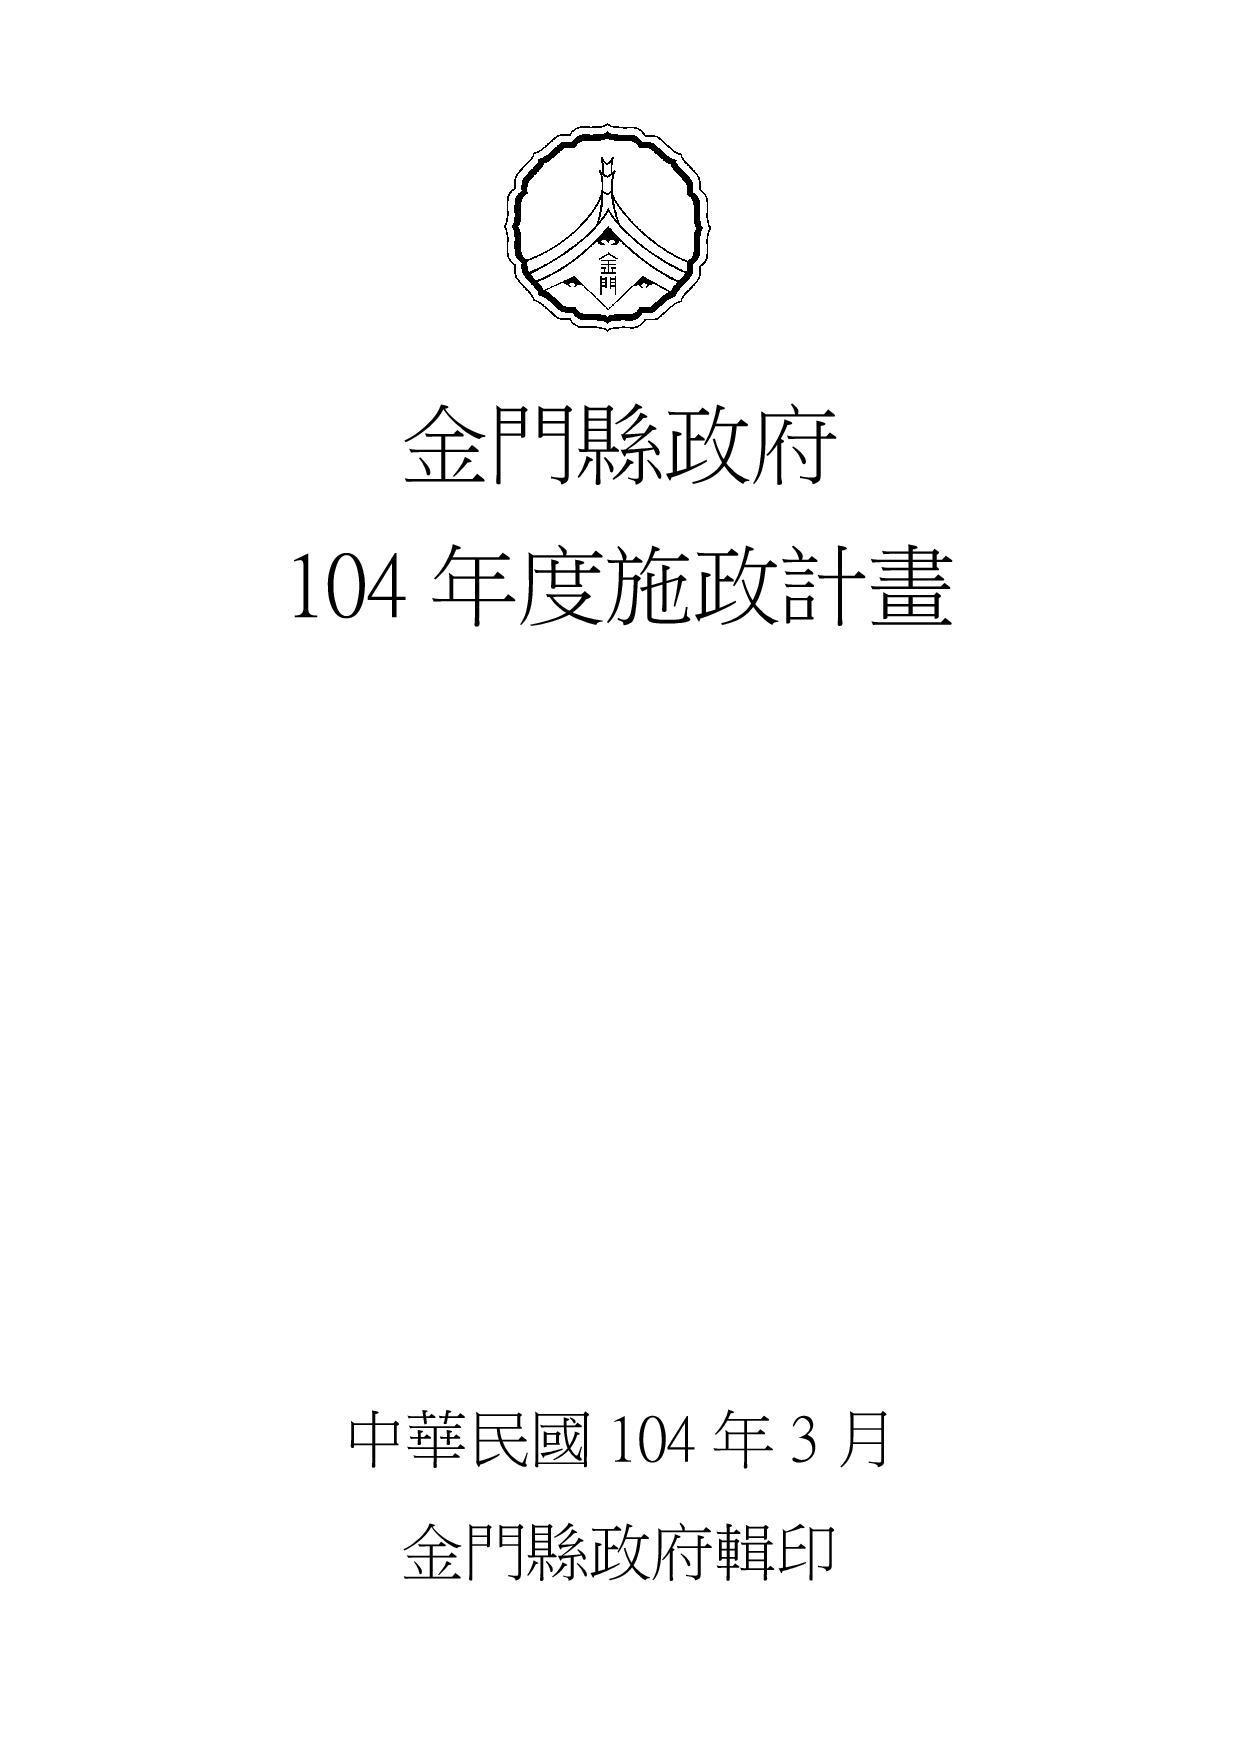 金門縣政府104年度施政計畫